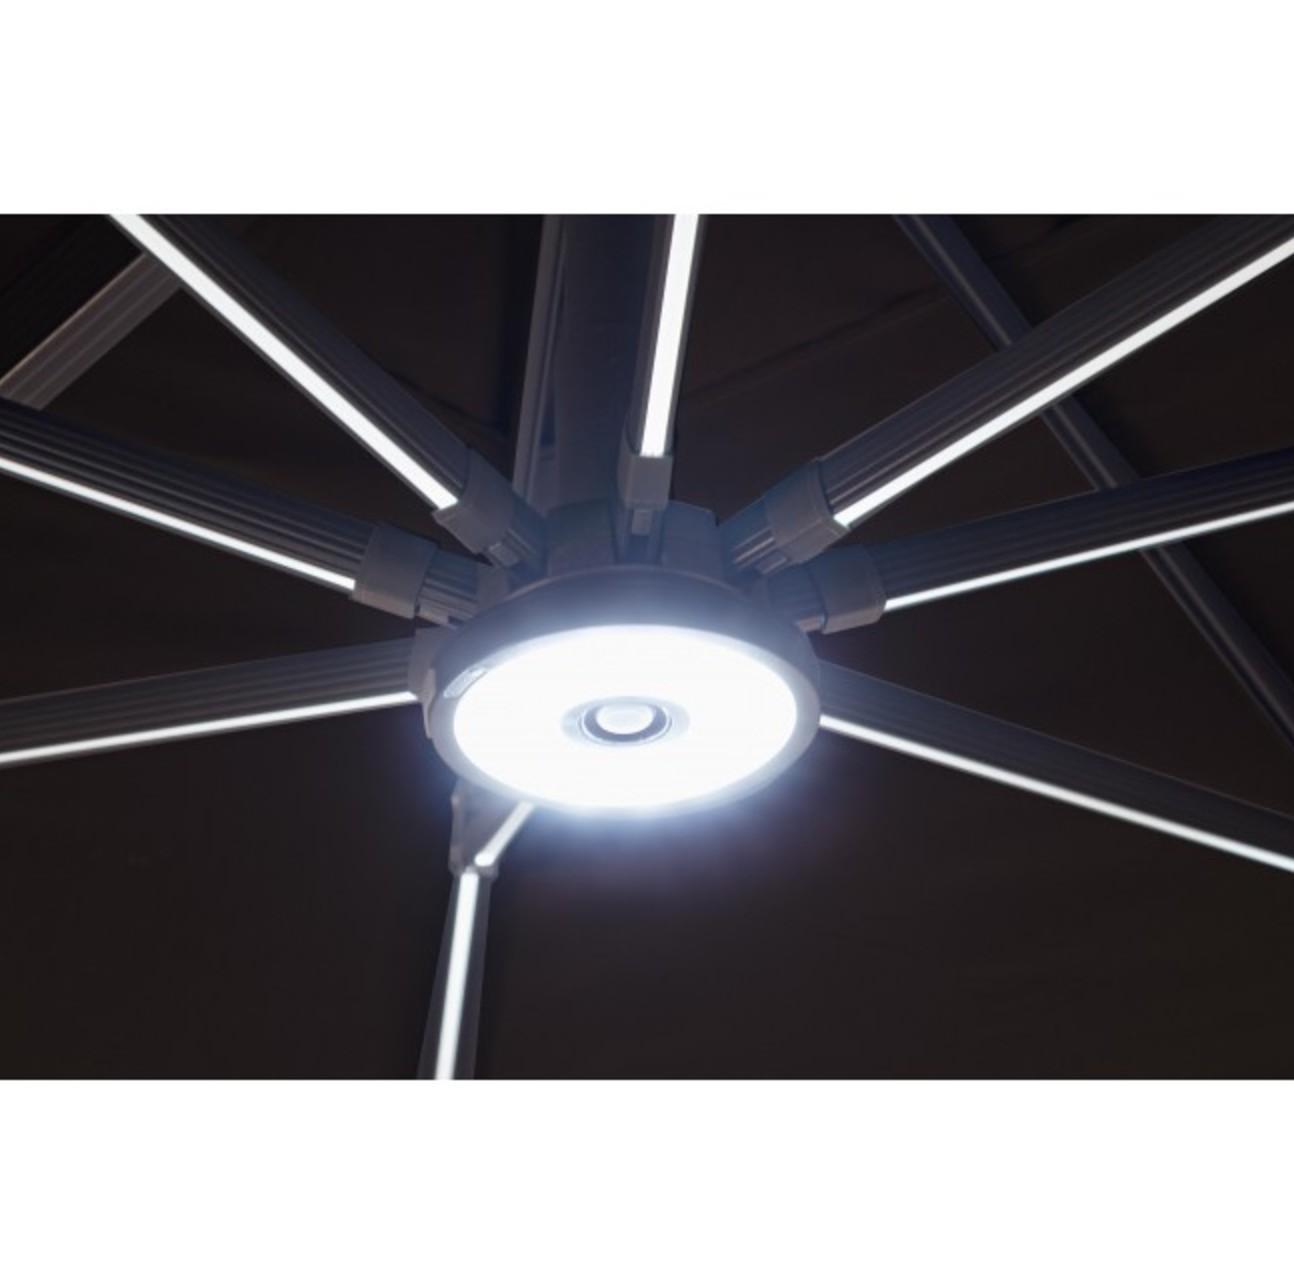 Illuminazione Per Ombrelloni Da Giardino.Lampada A Led Per Ombrellone